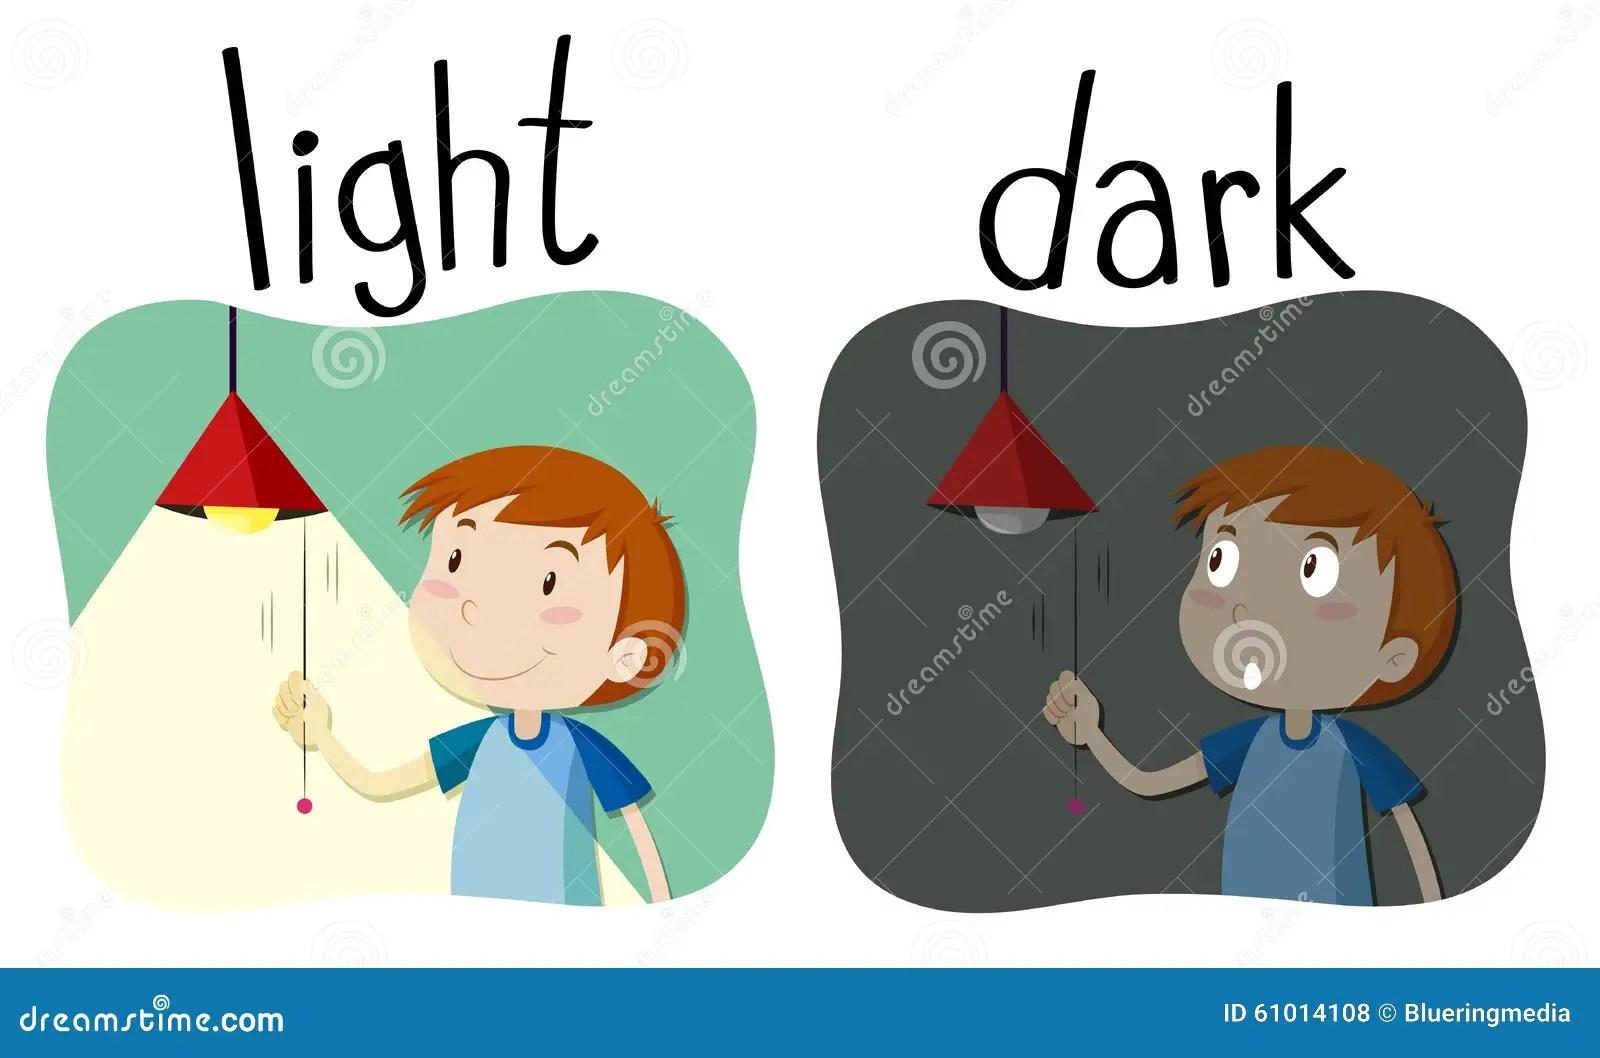 Opposite Adjectives Light And Dark Stock Illustration